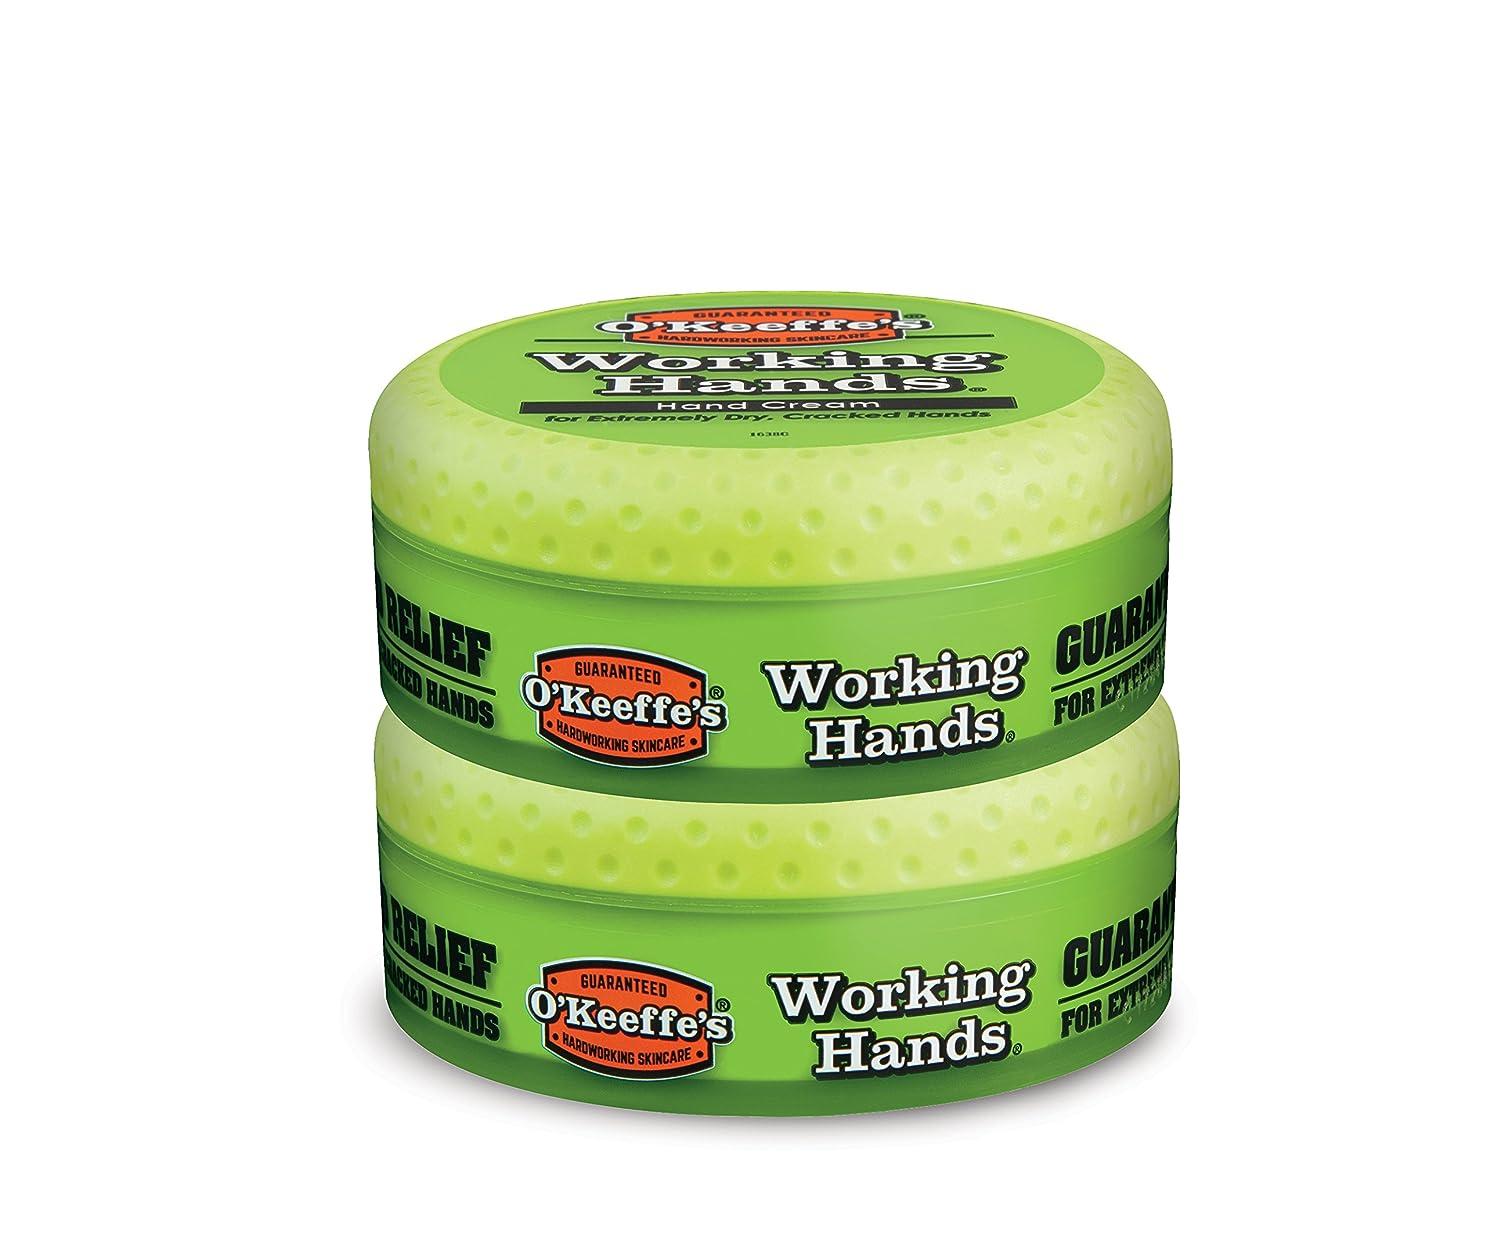 改善振動させる申し立てられたO ' Keeffe 's Working Hands Hand Cream, 3.4オンス、Jar 2 - Pack 3500 2